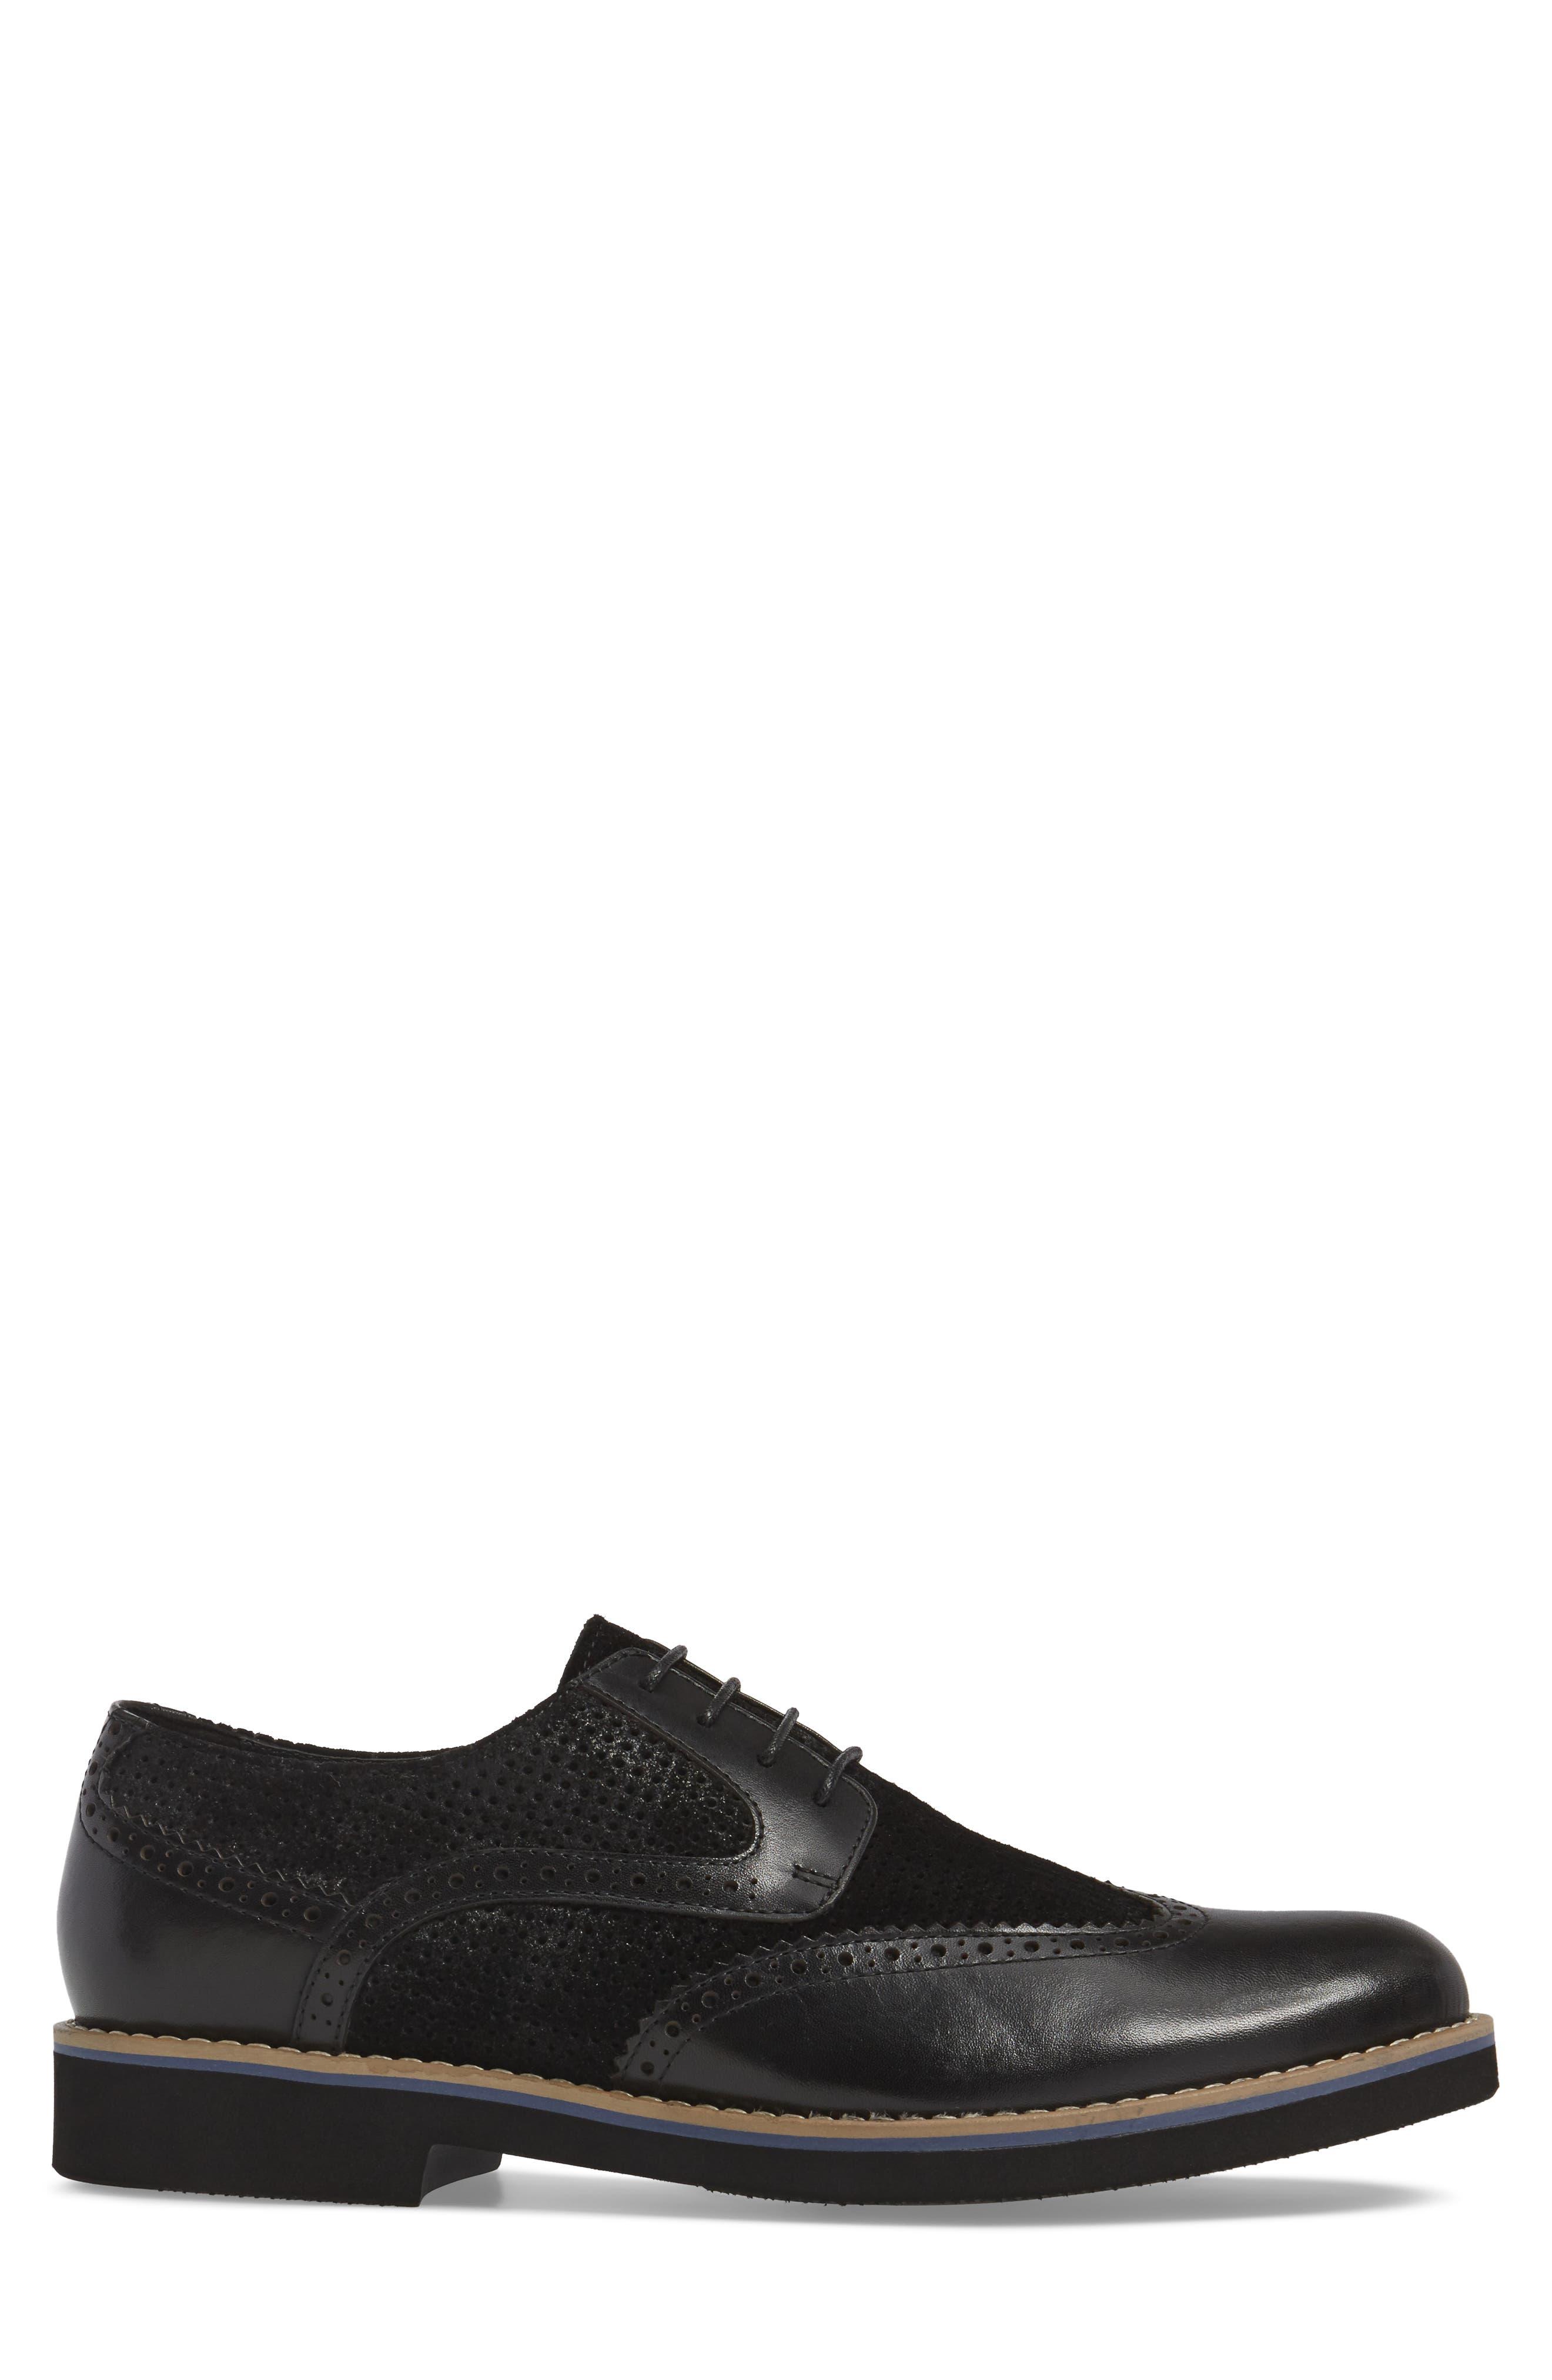 Alternate Image 3  - English Laundry Maritime Spectator Shoe (Men)